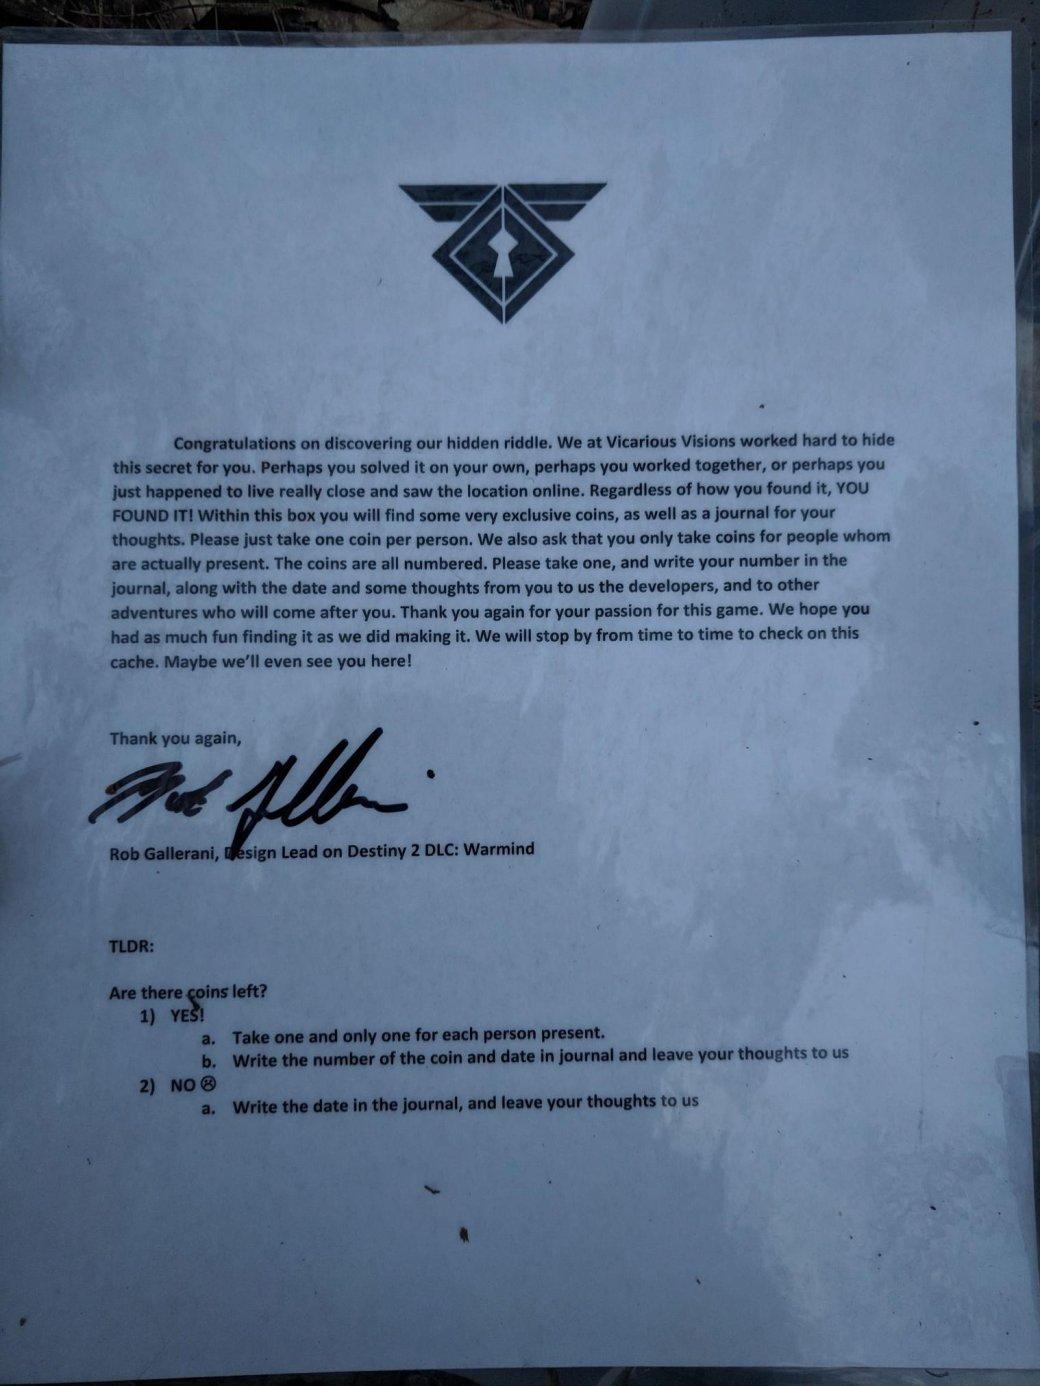 Фанаты Destiny 2 нашли около Нью-Йорка клад, оставленный разработчиками DLC Warmind. - Изображение 3